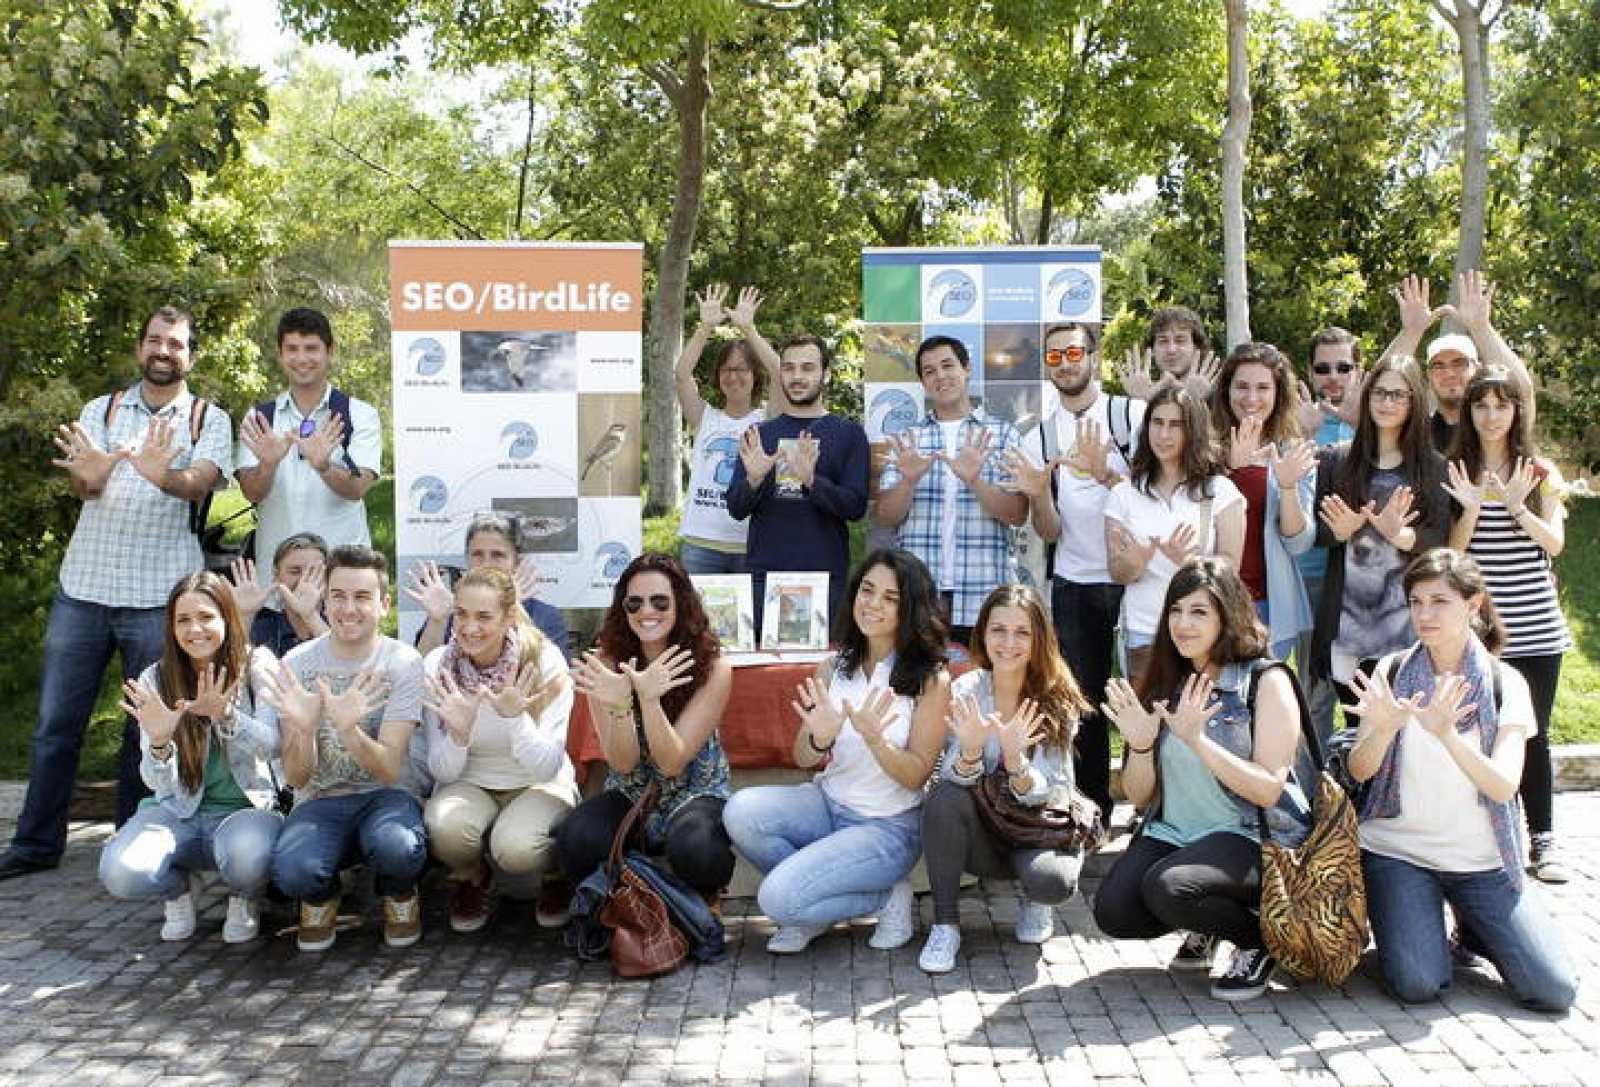 Estudiantes de veterinaria hacen el gesto de la mariposa por el Día Europeo de la Red Natura 2000 en el Bioparc de Valencia.